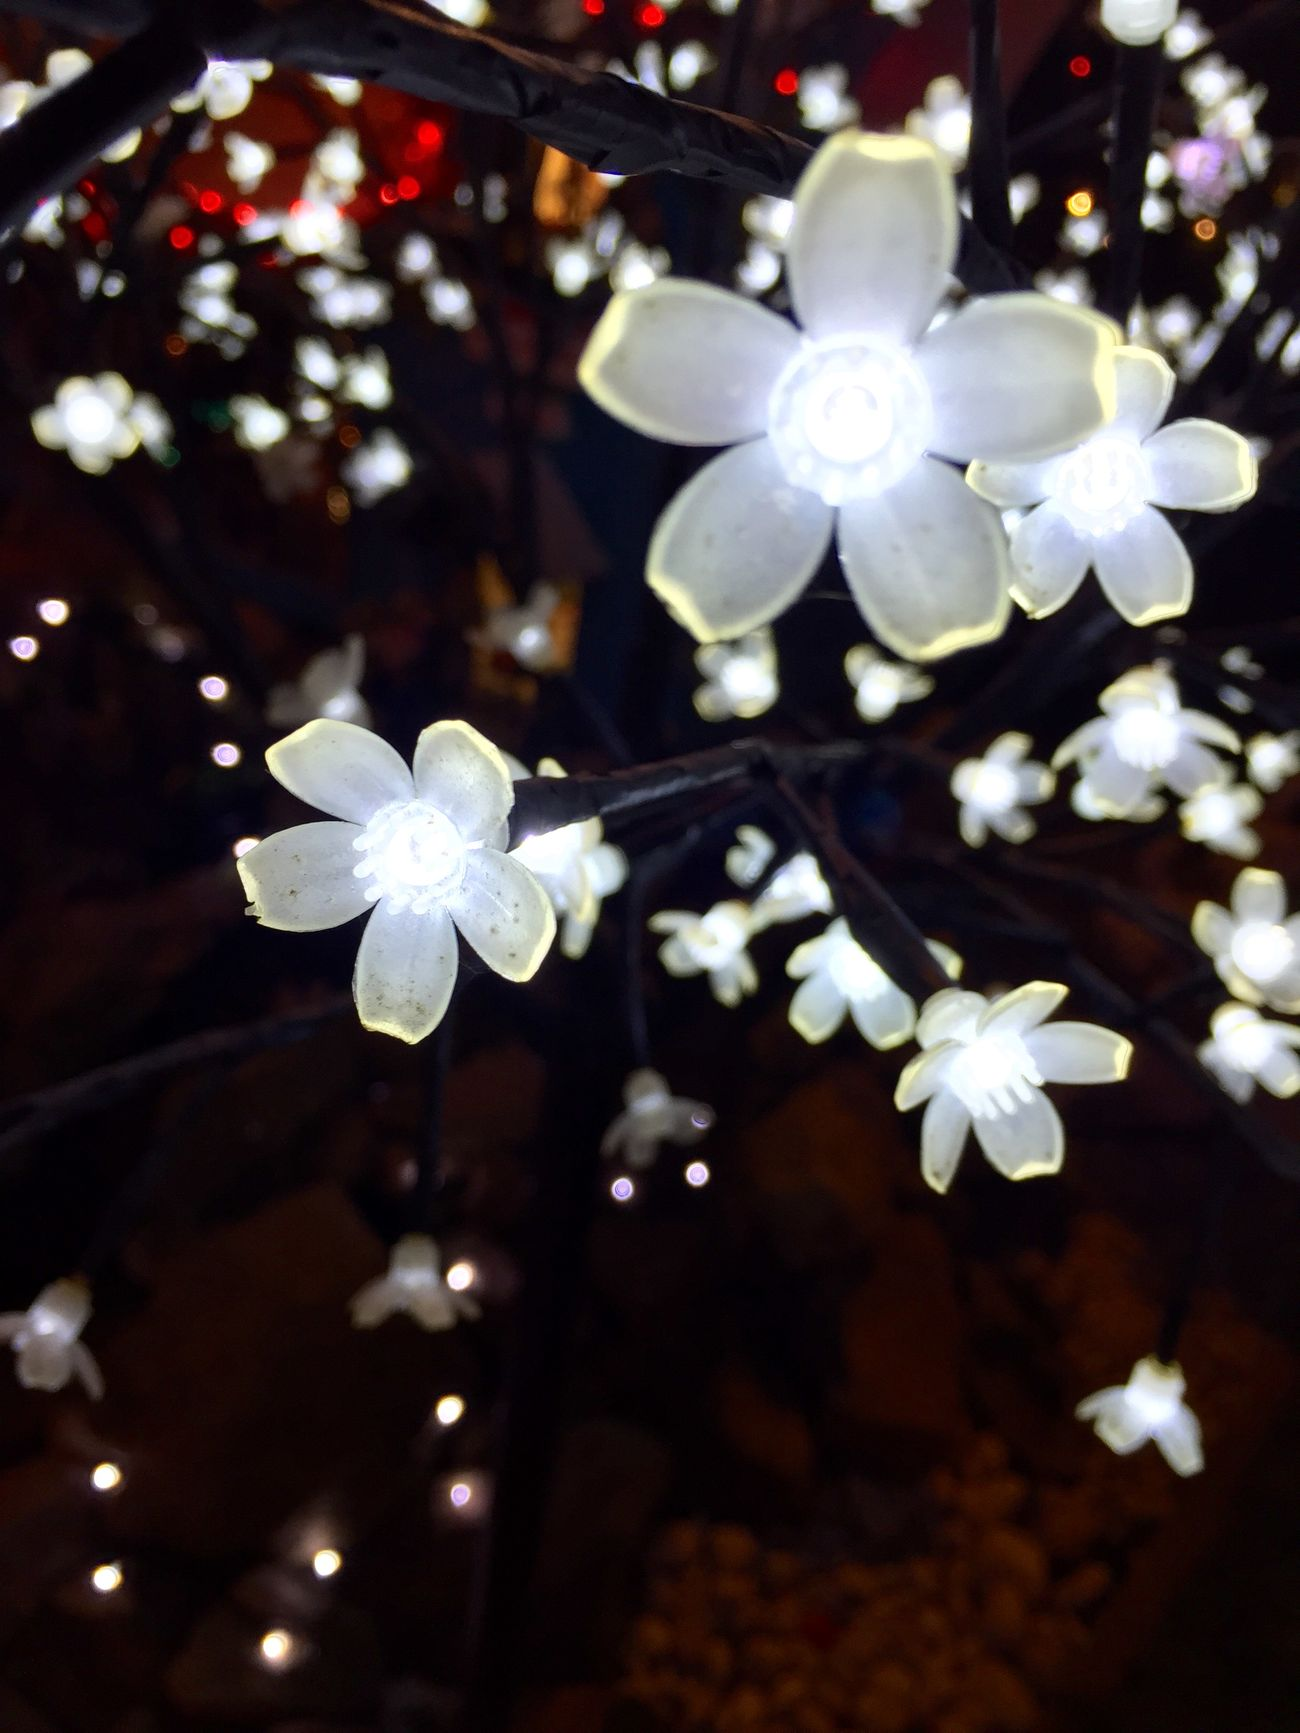 Christmas Around The World Fleurs Lighting Lumière Arbre Decoration Christmas Decorations Phoneography Iphonephotography Noël Village Père Noël Allonnes Family Vivement Noel Village De Noel